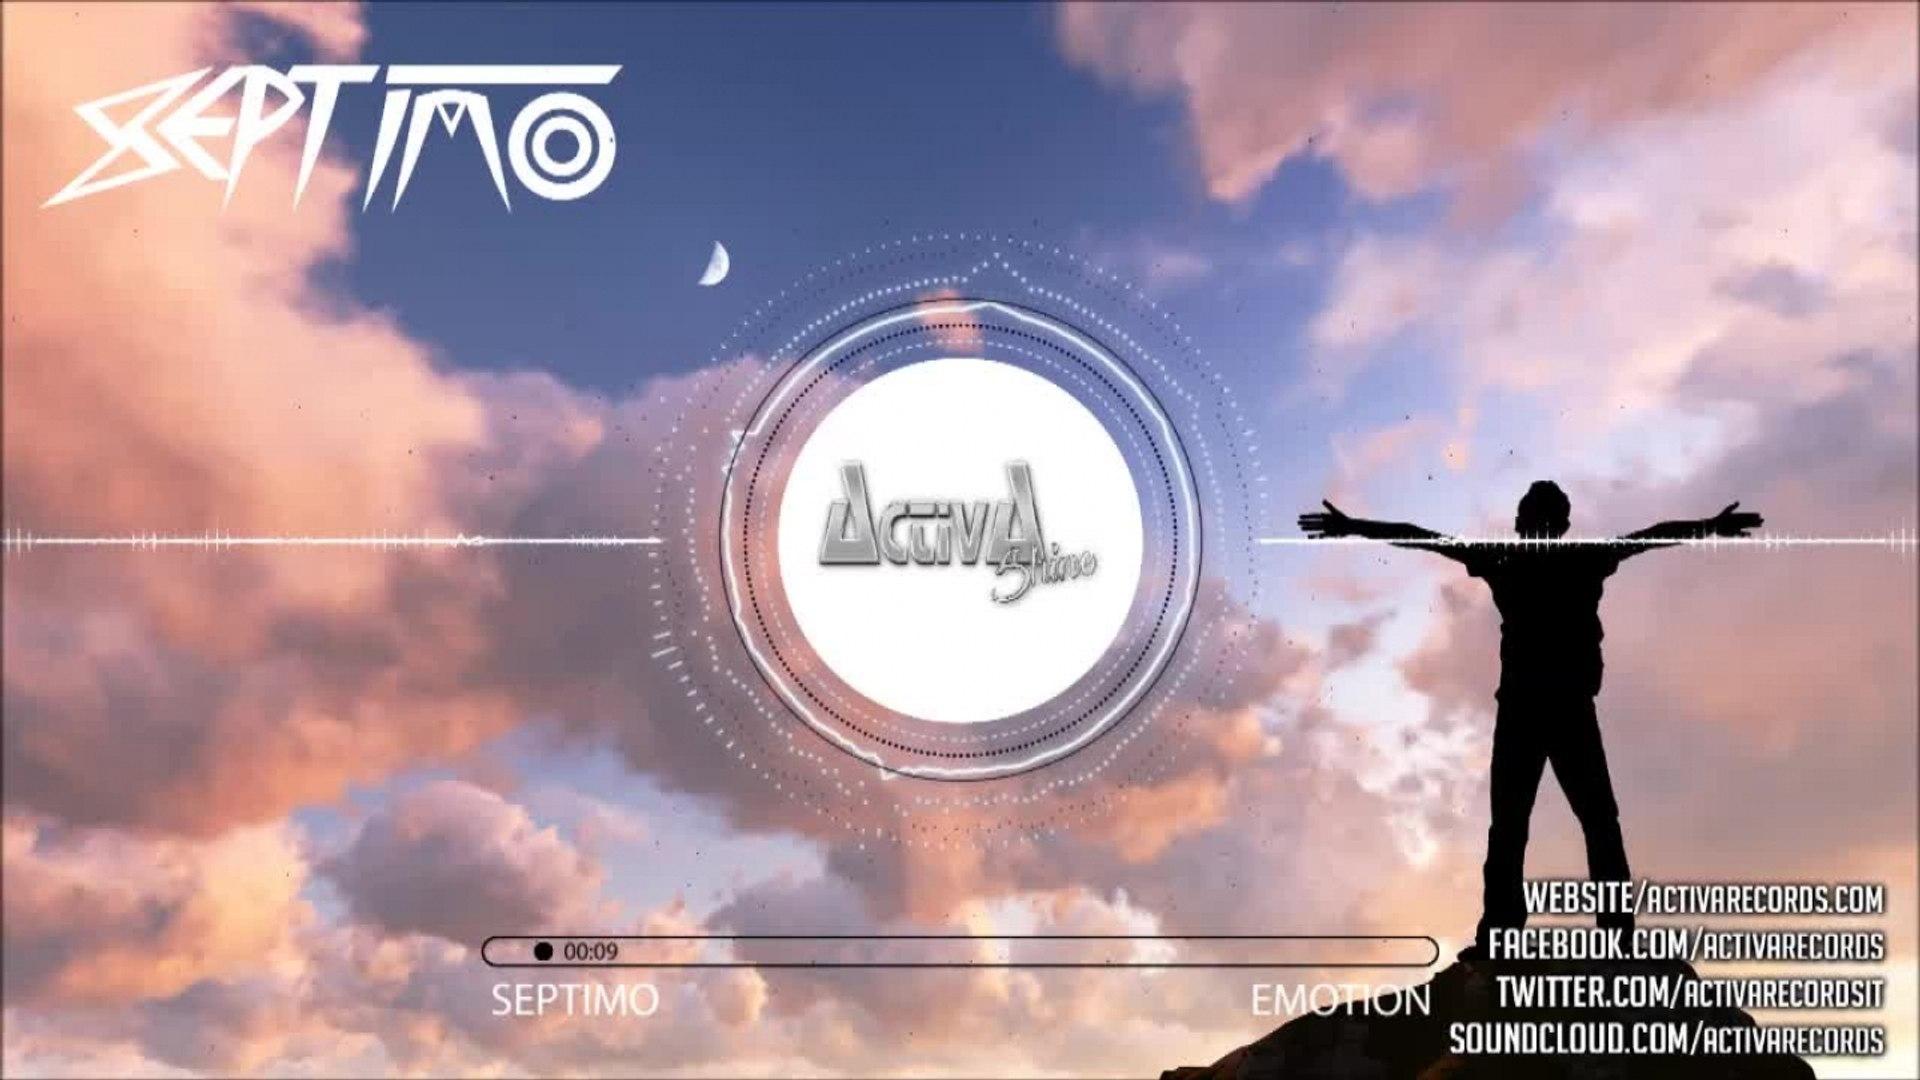 Septimo - Emotion (Original Mix) - Official Preview (Activa Shine)